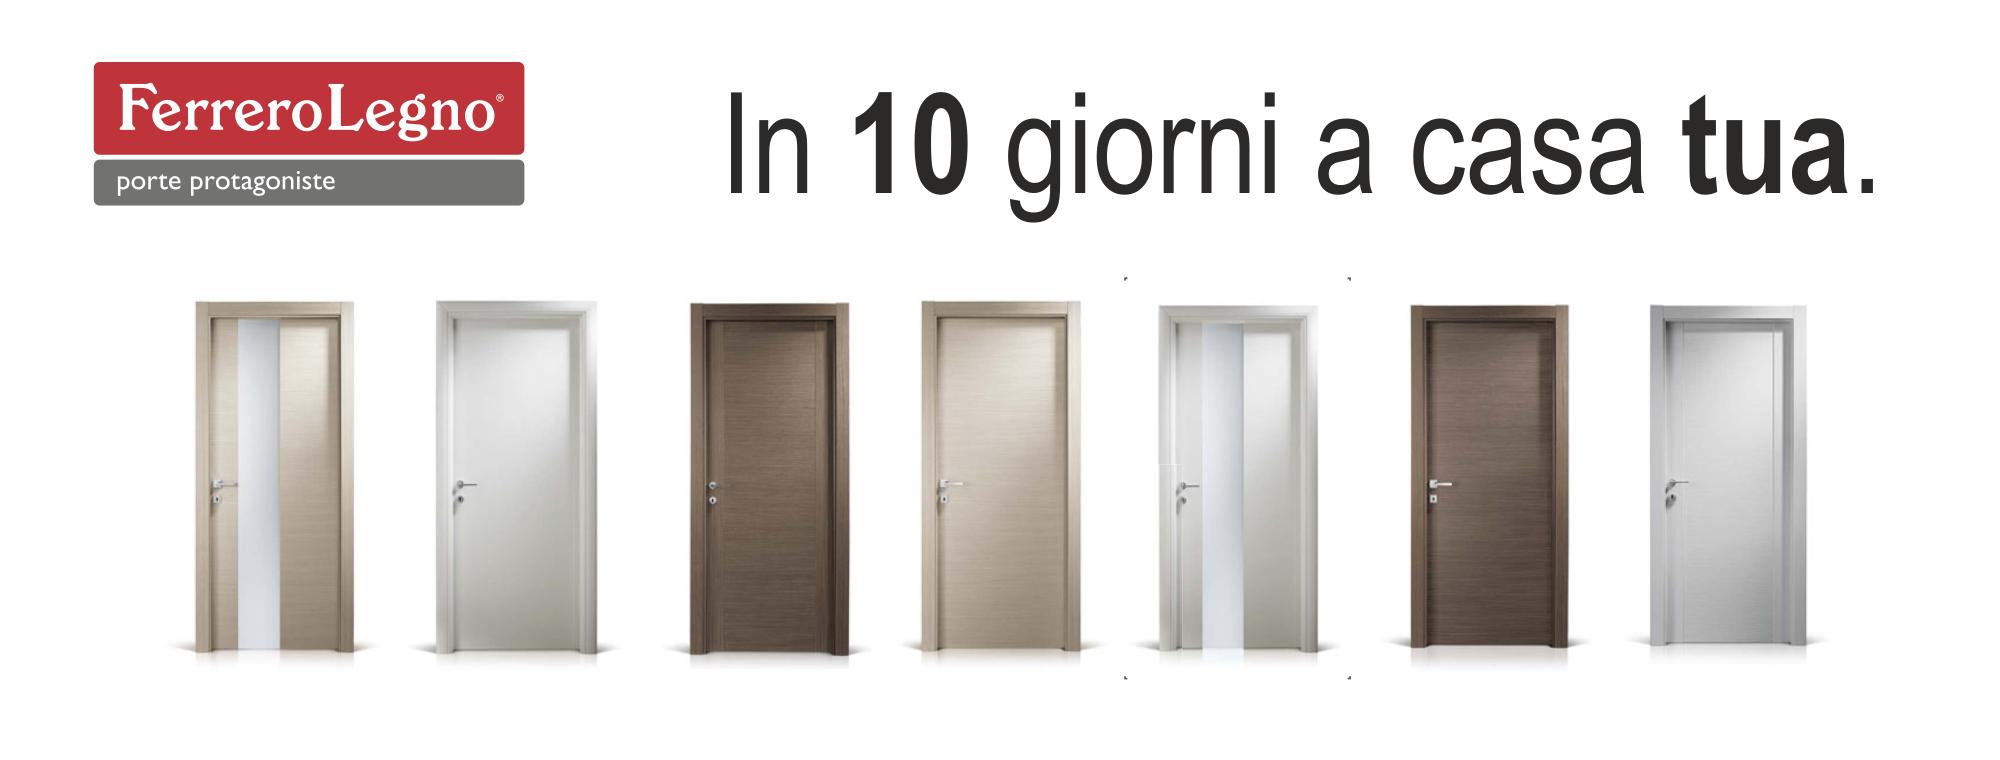 Porte interne ferrero legno in 10 giorni da omnia for Ferrero porte prezzi